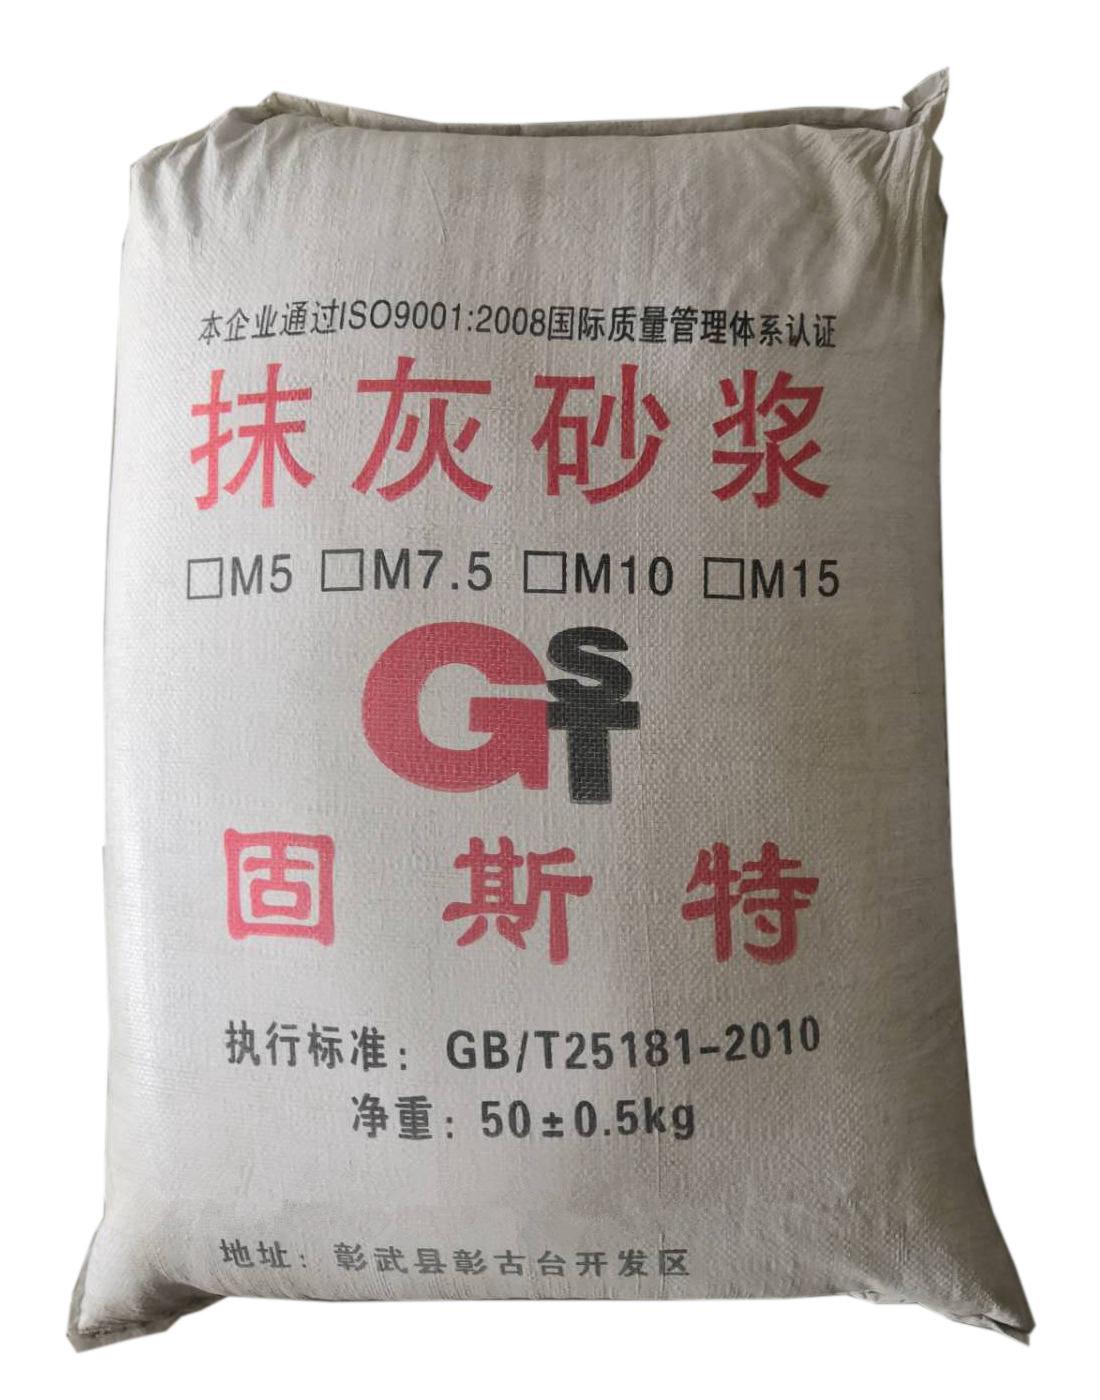 辽宁保温板抹面砂浆品牌_为您推荐万隆硅砂砂浆质量好的保温板抹面砂浆